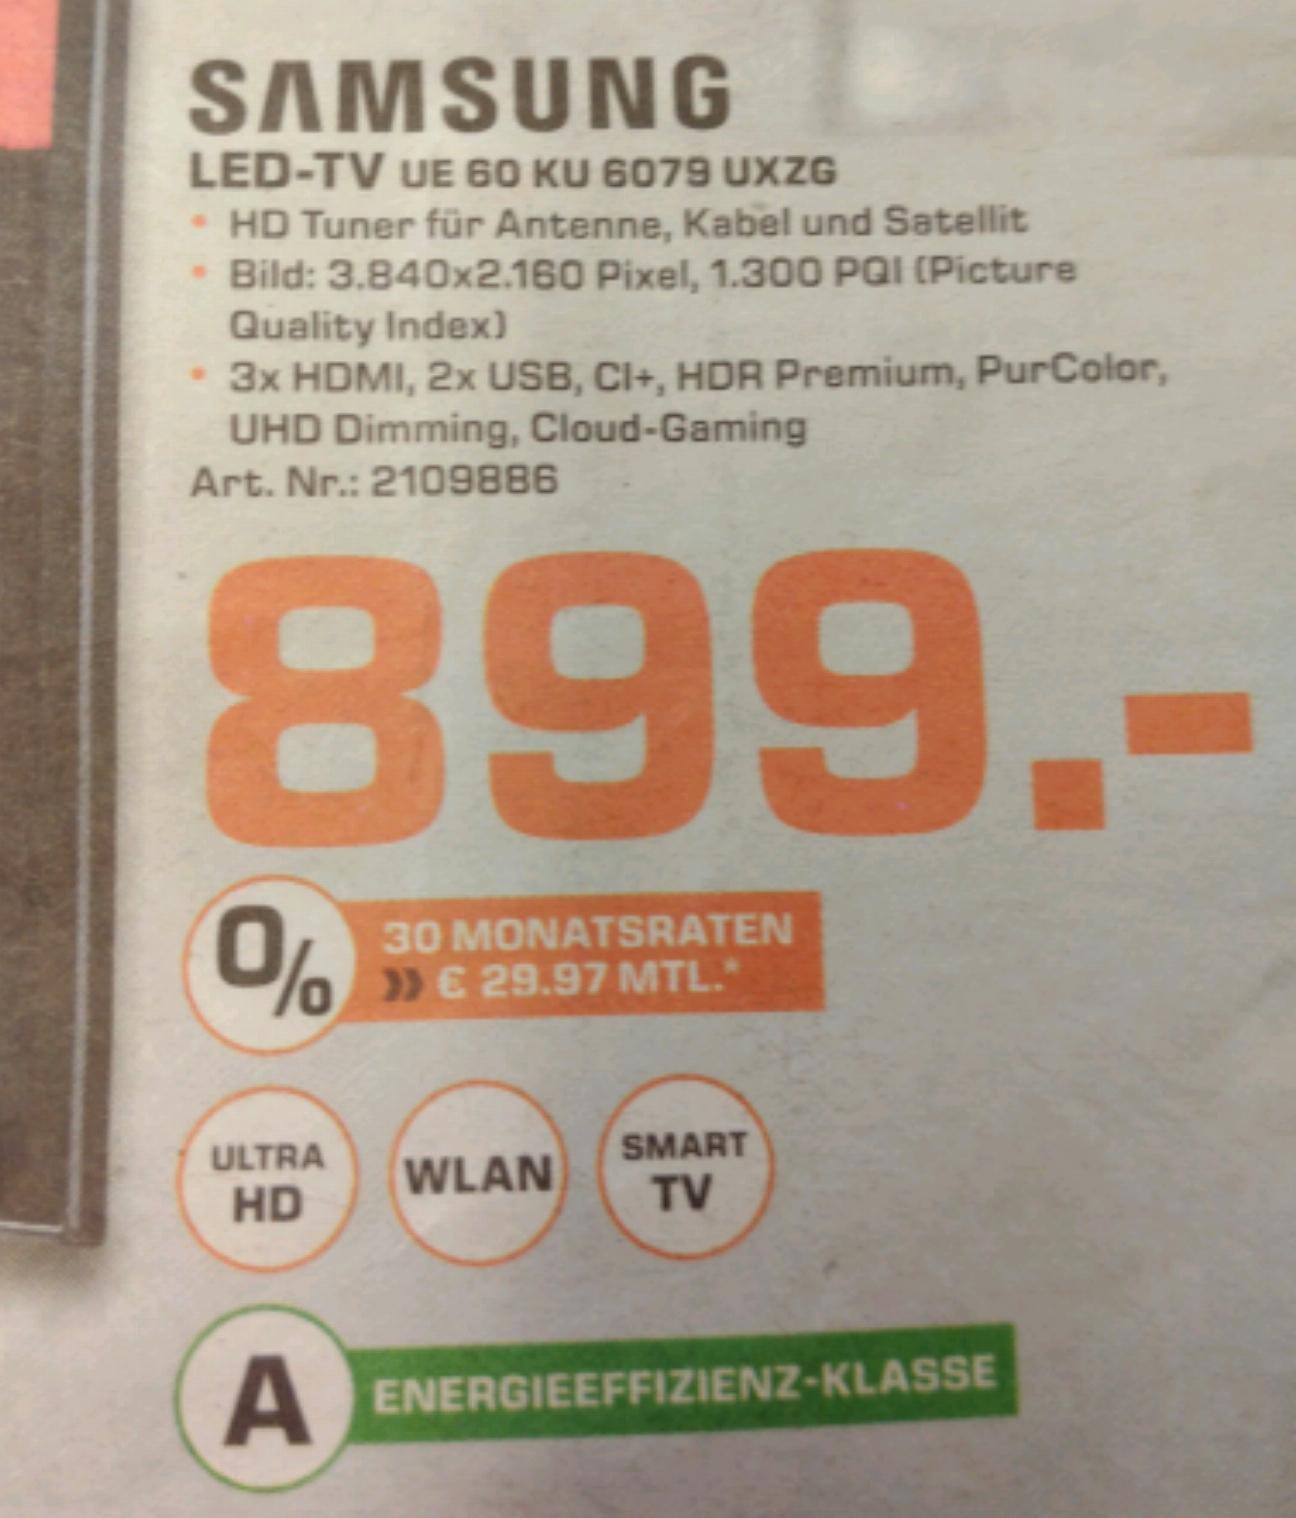 Samsung UE 60 KU 6079 UXZG